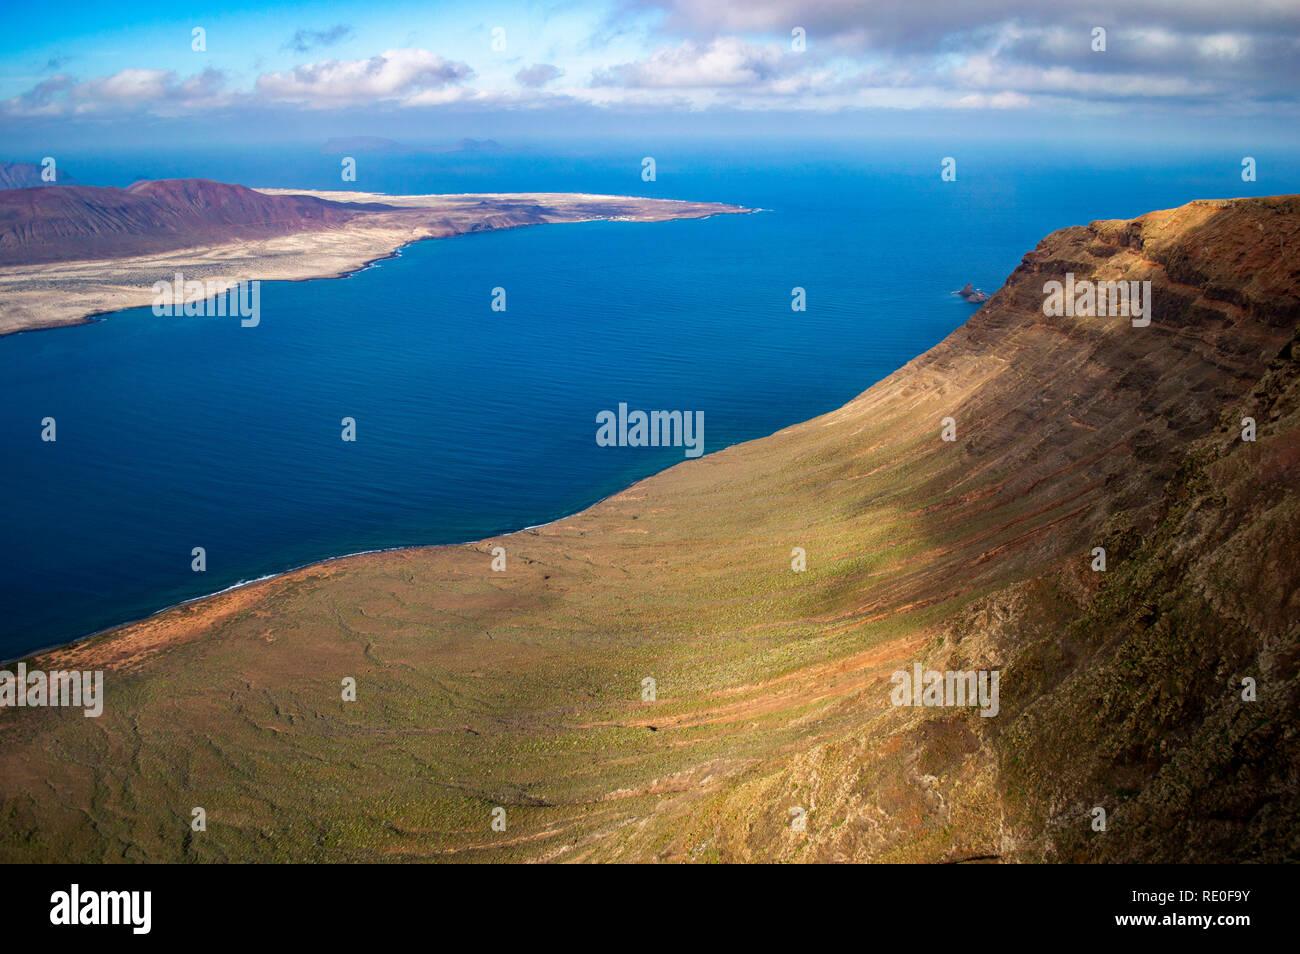 Ein Blick auf die Insel La Graciosa von Mirador del Rio auf Lanzarote, Kanarische Inseln Stockbild